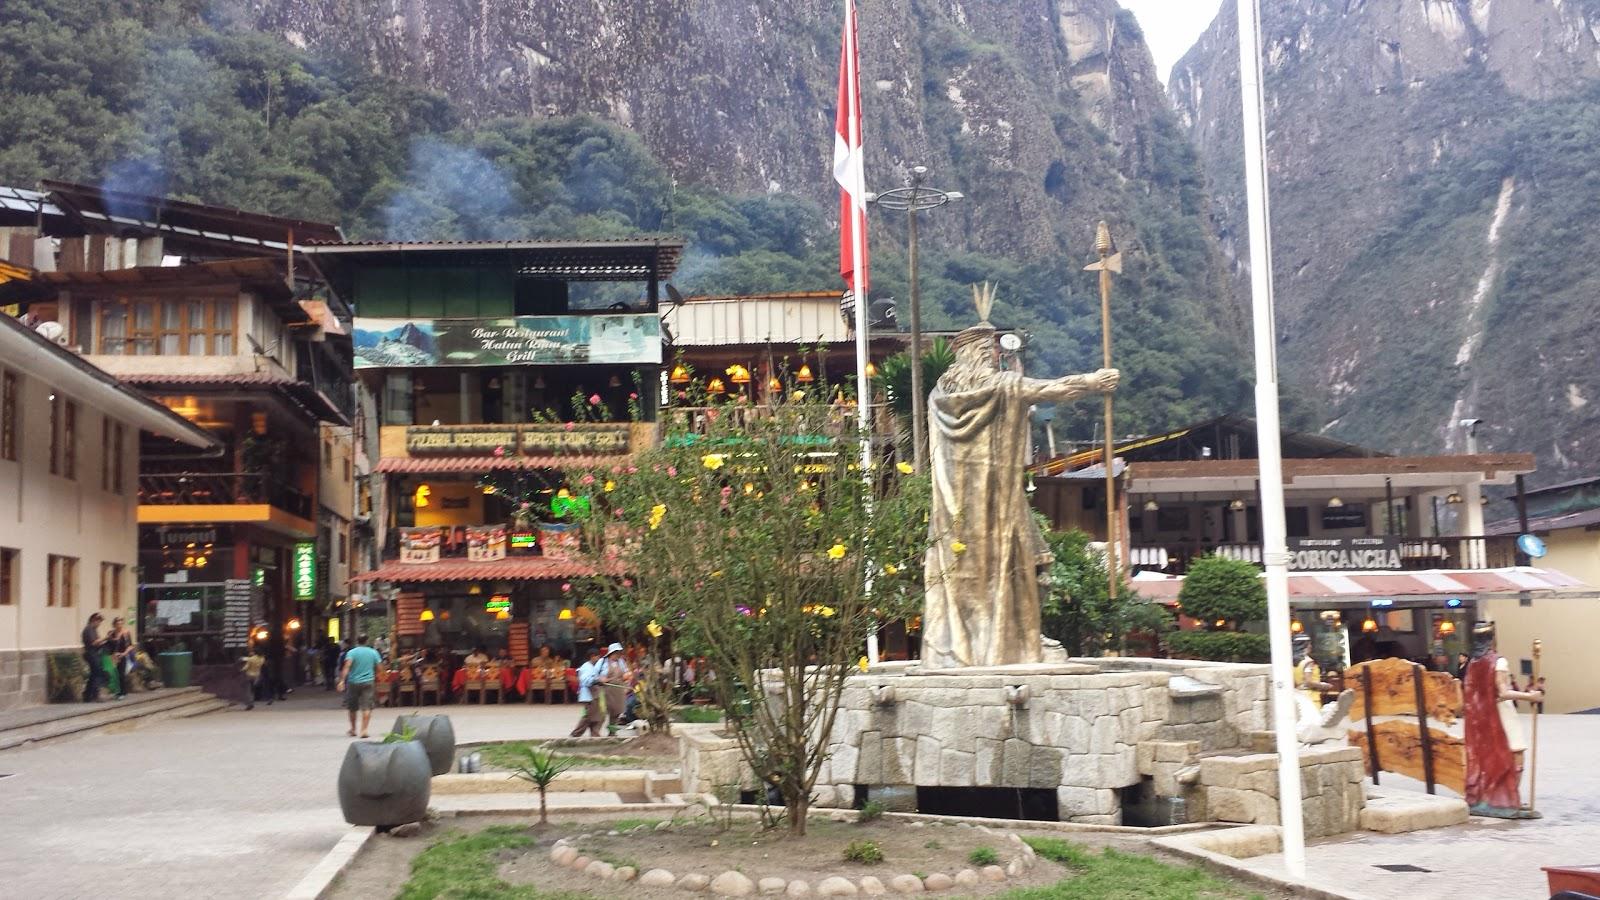 Aguas Calientes Centro, Machu Picchu